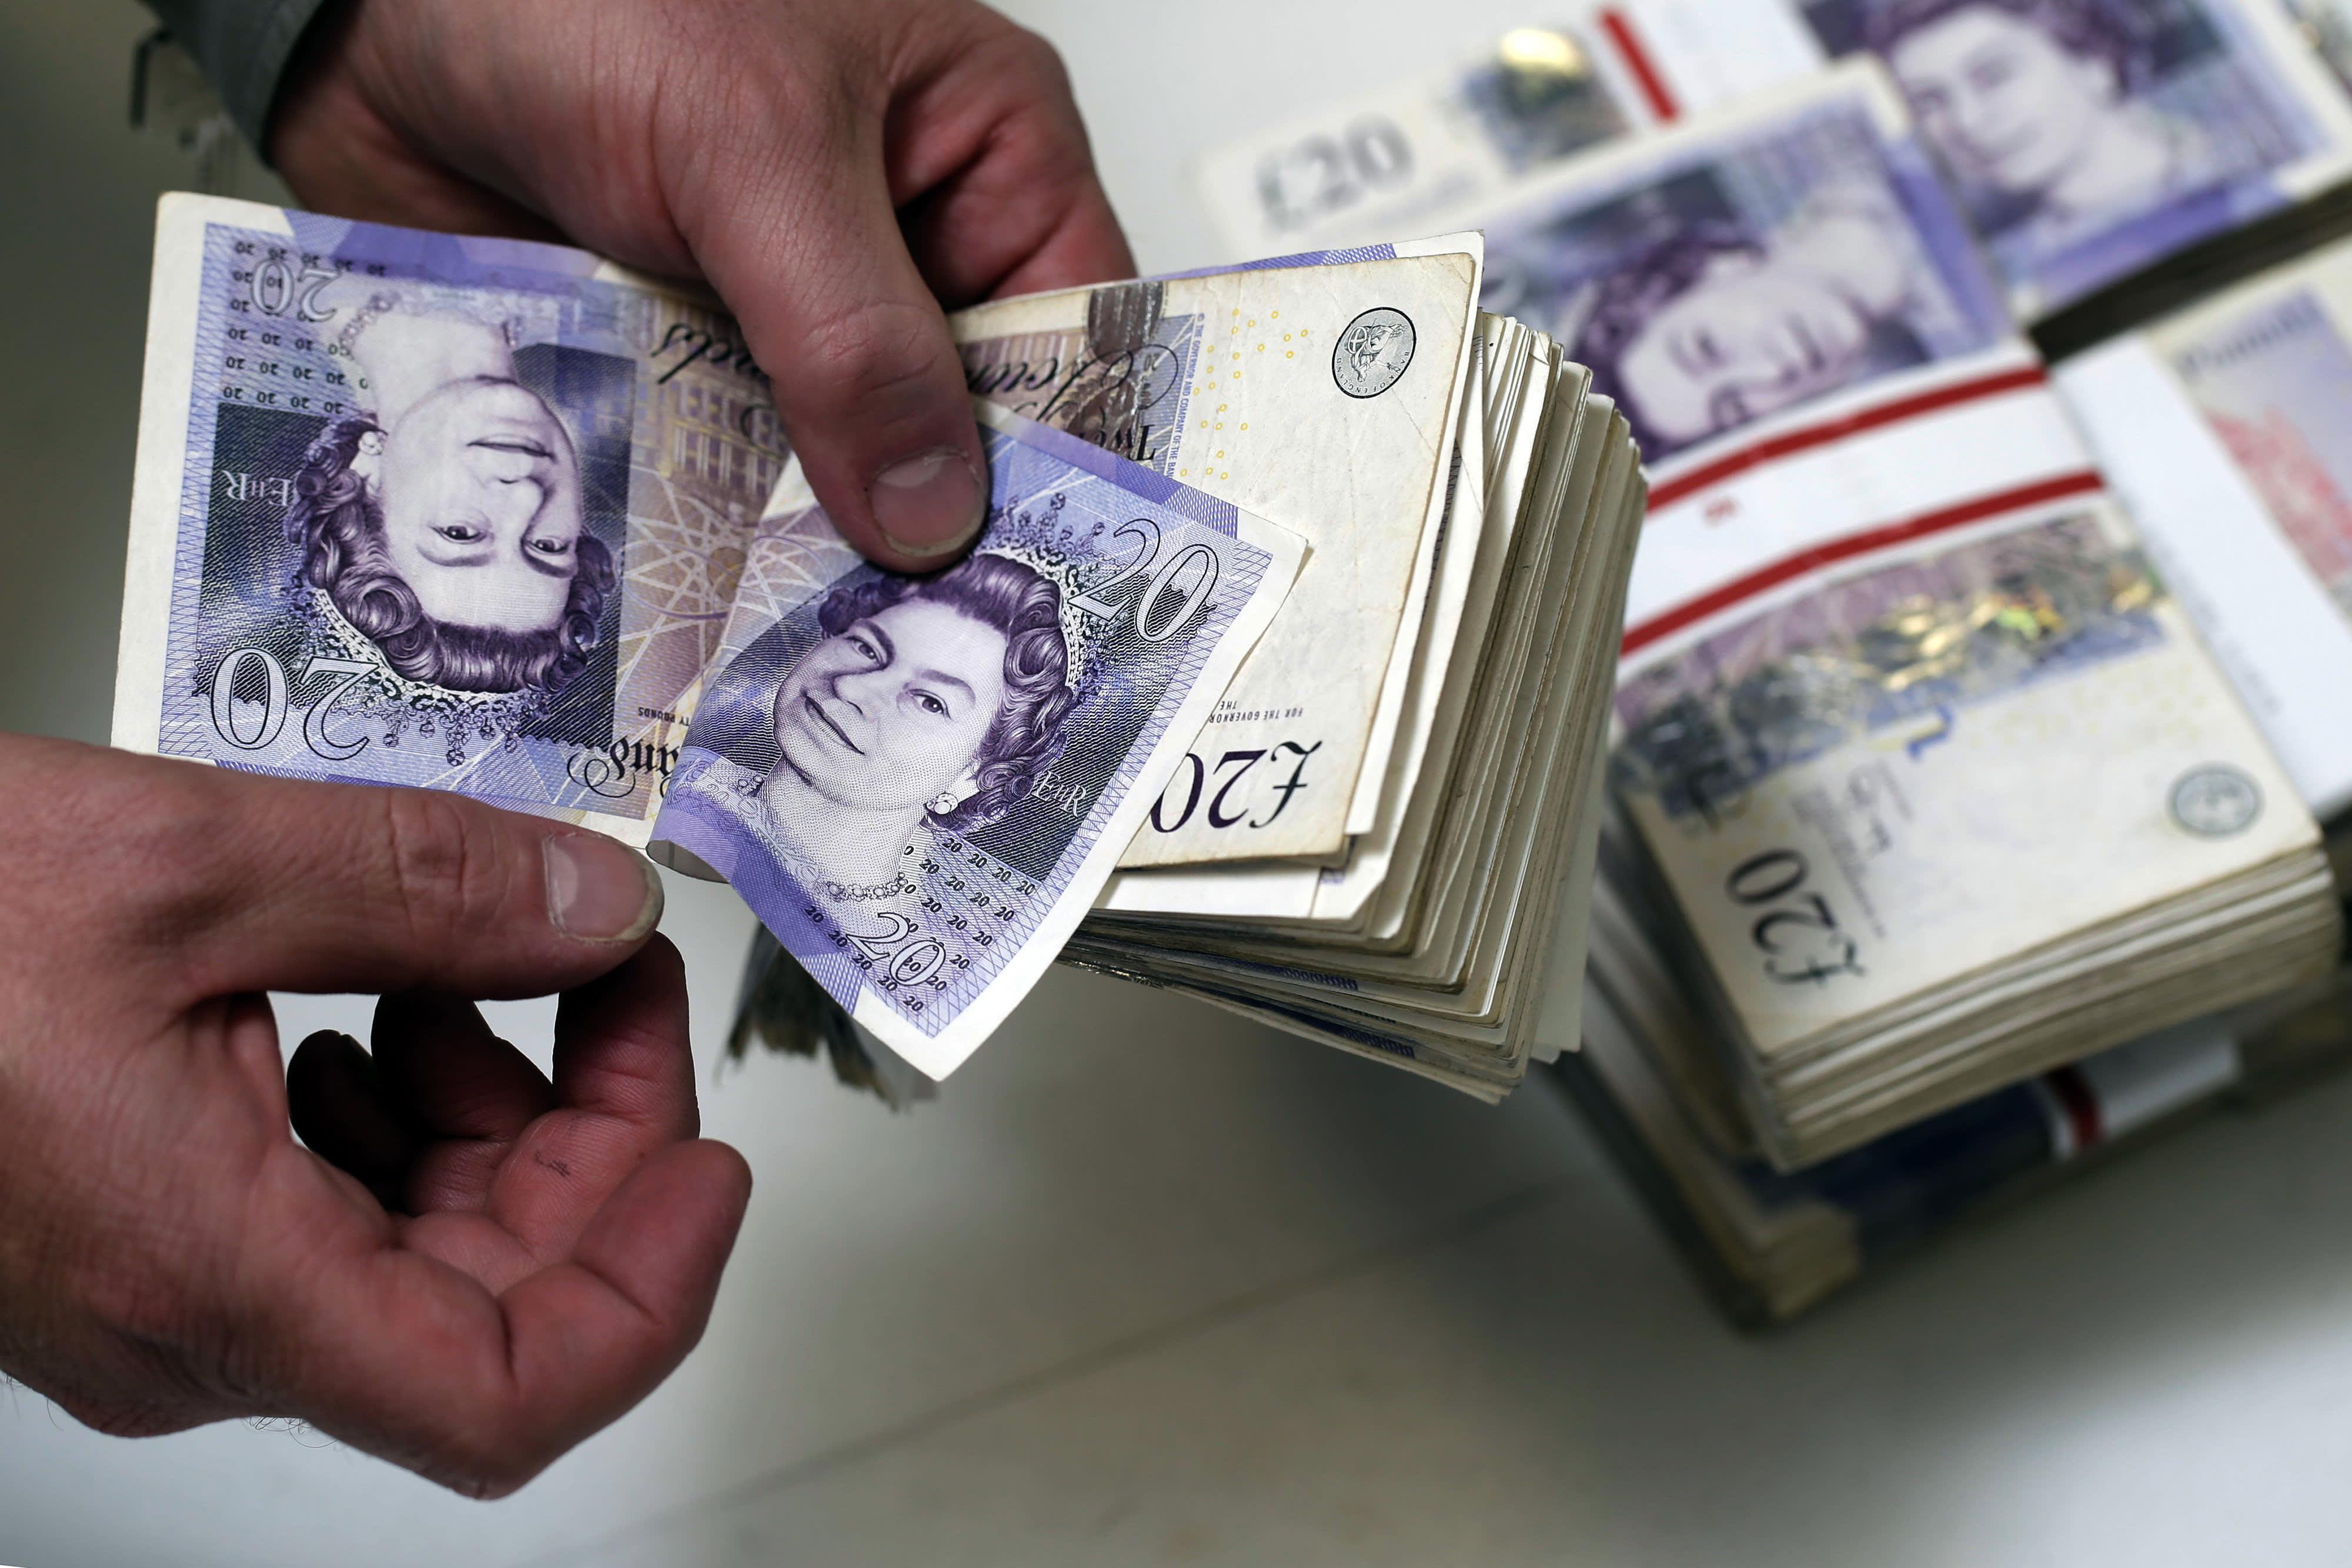 Regulator gets £400k for dashboard work